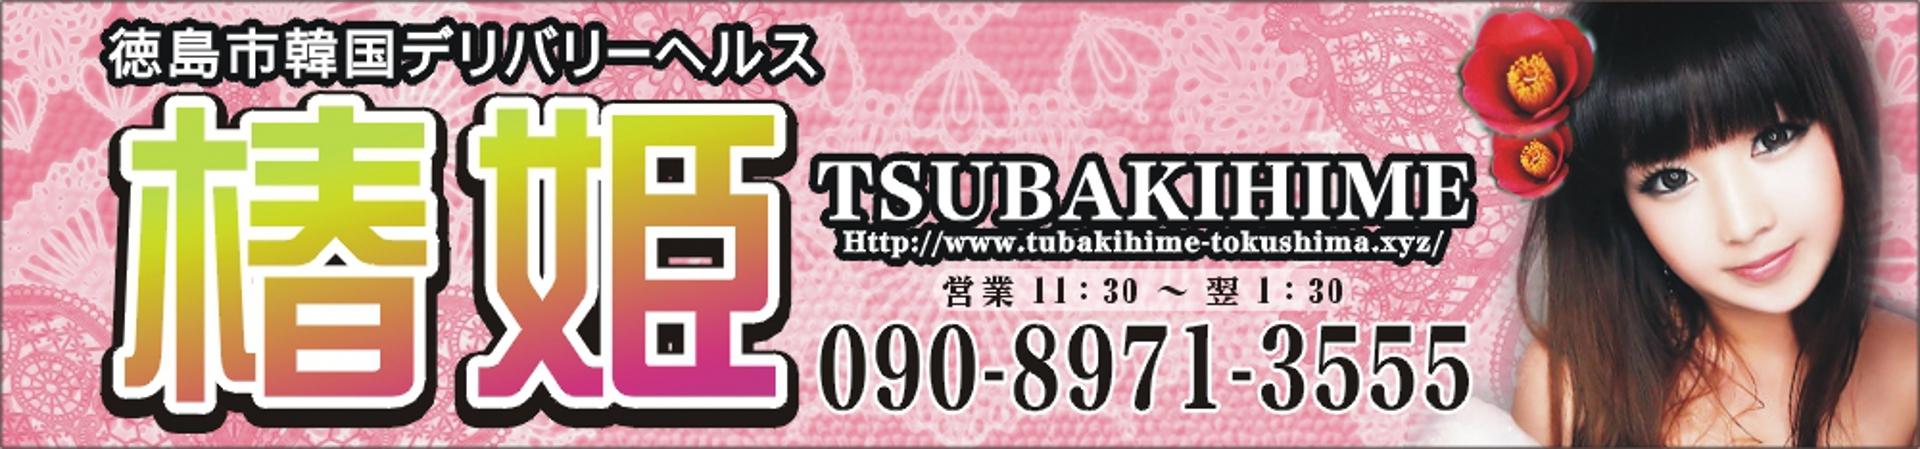 非公開: 【椿姫】徳島市発デリ